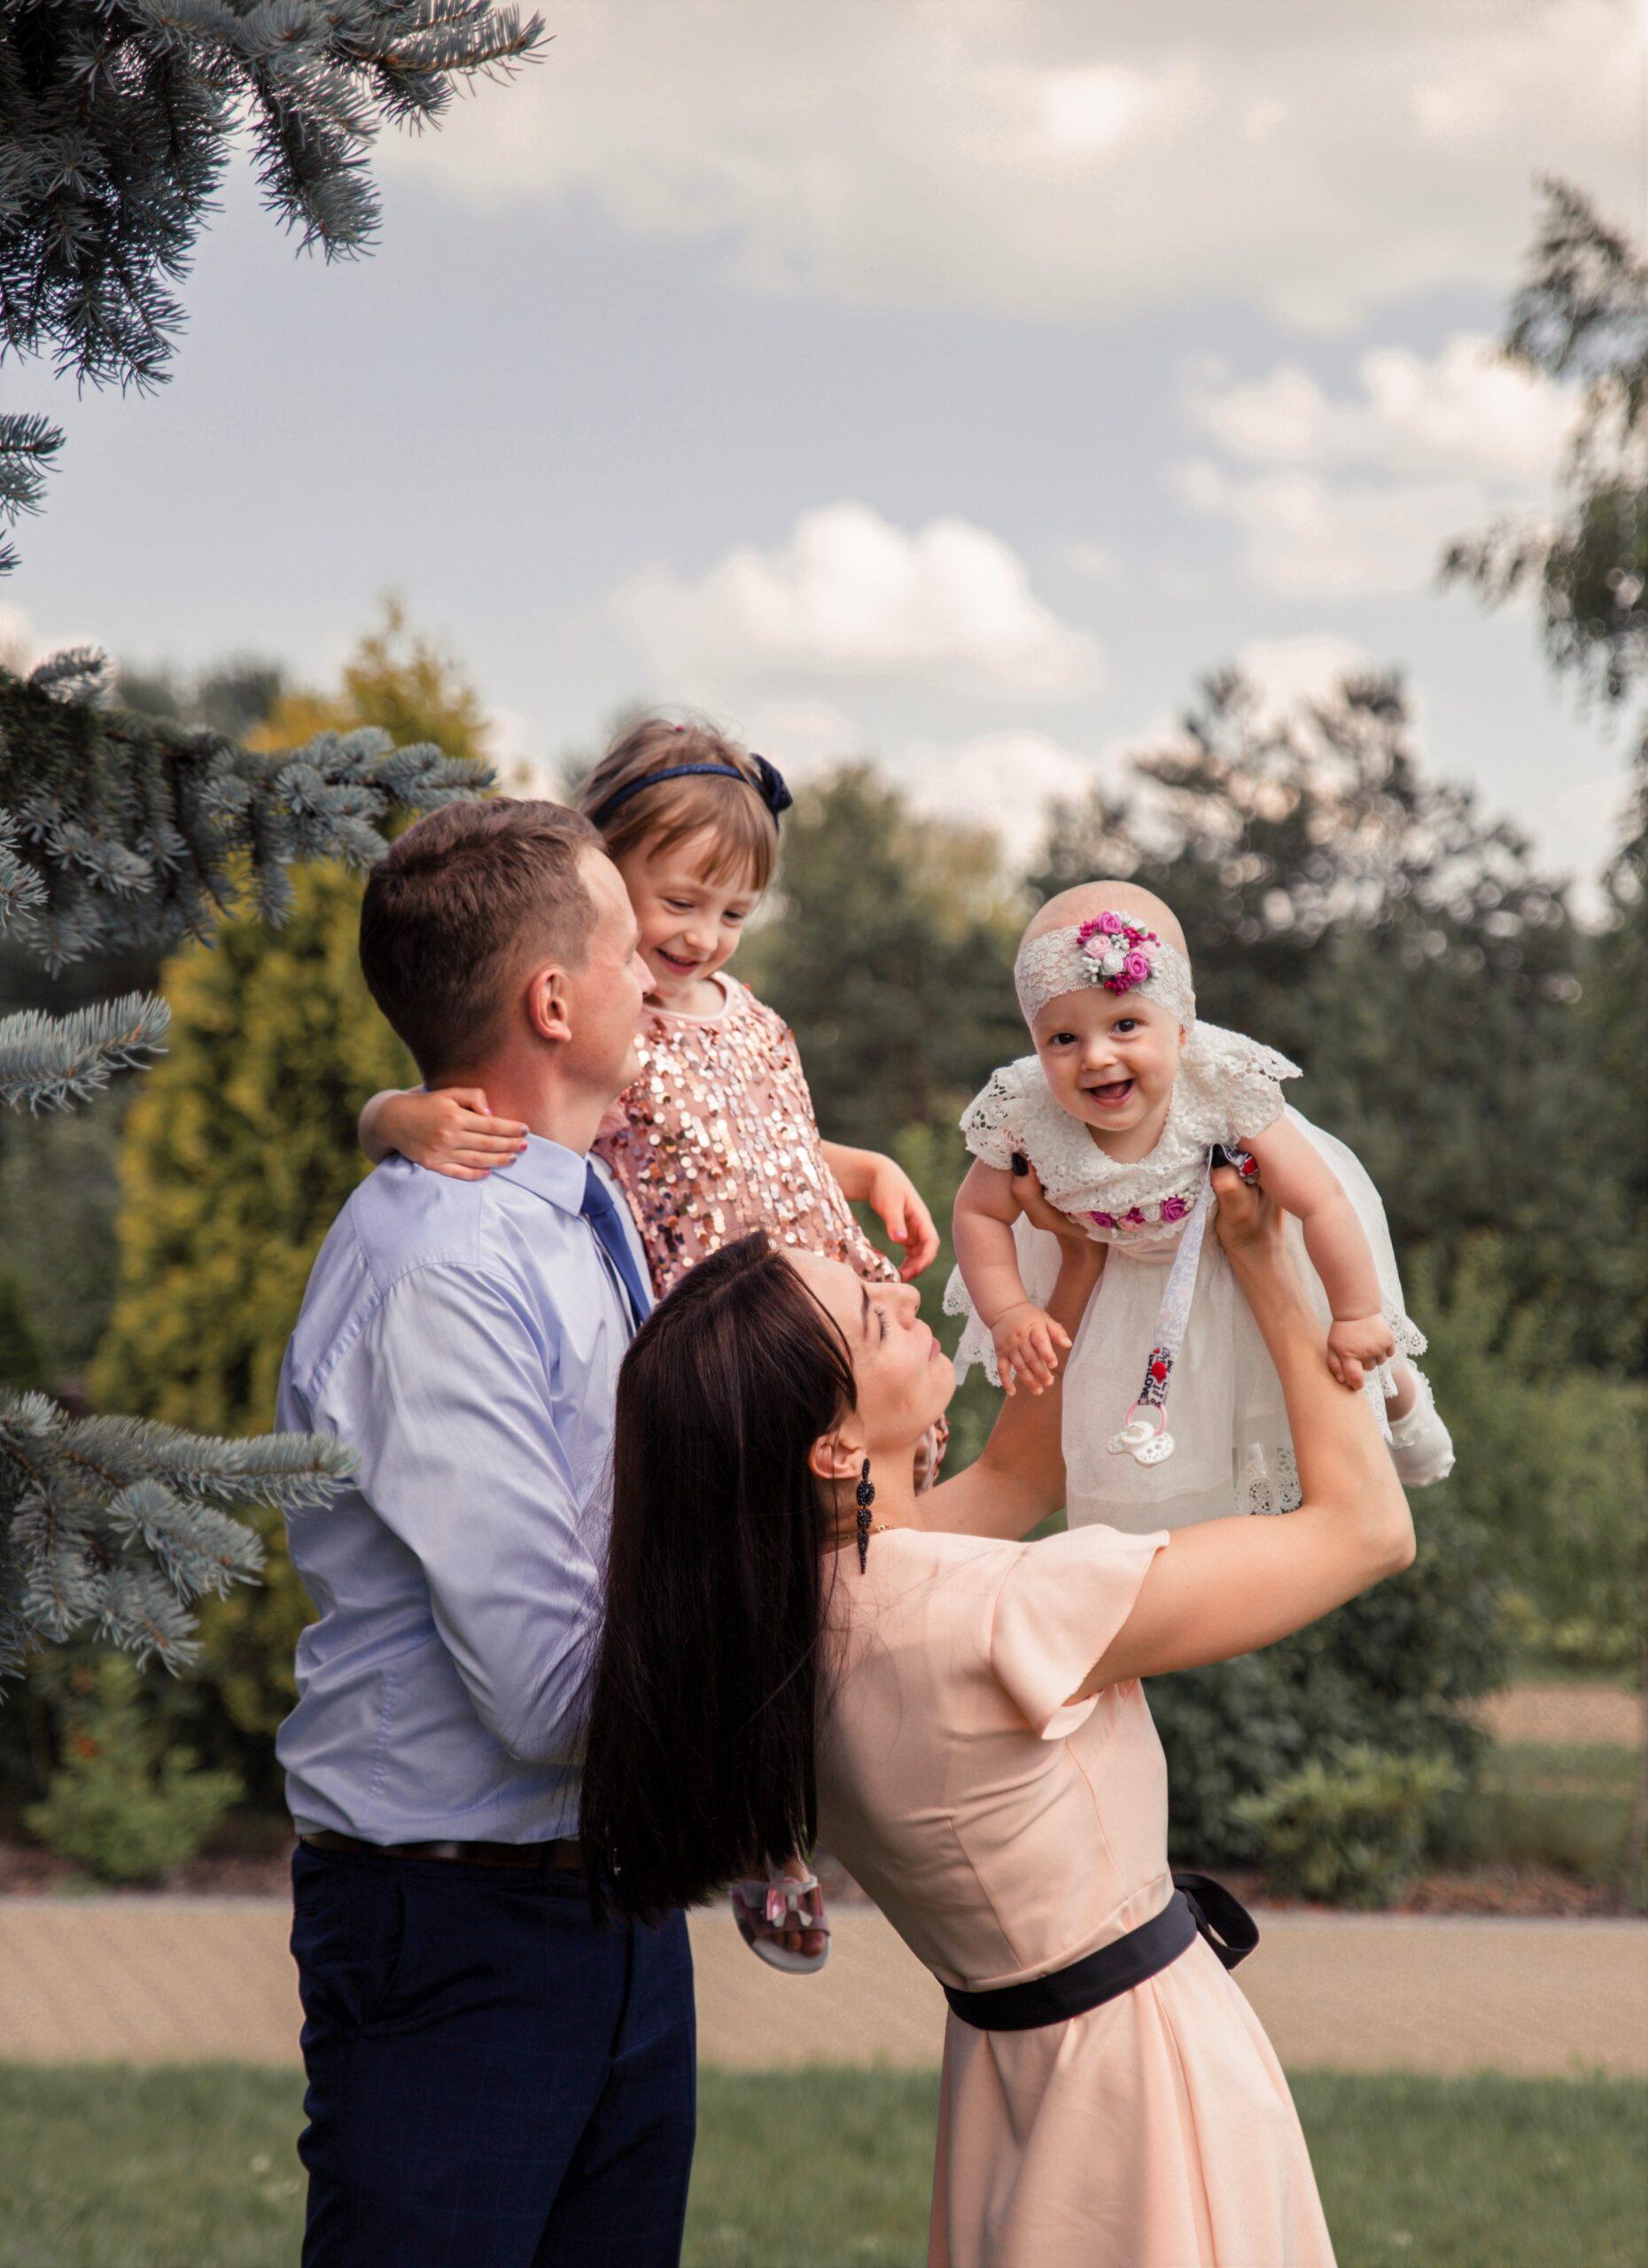 sesja ciążowa fotograf wolbrom sesja zdjęciowa zdjęcia ciążowe chrzest święty osiek